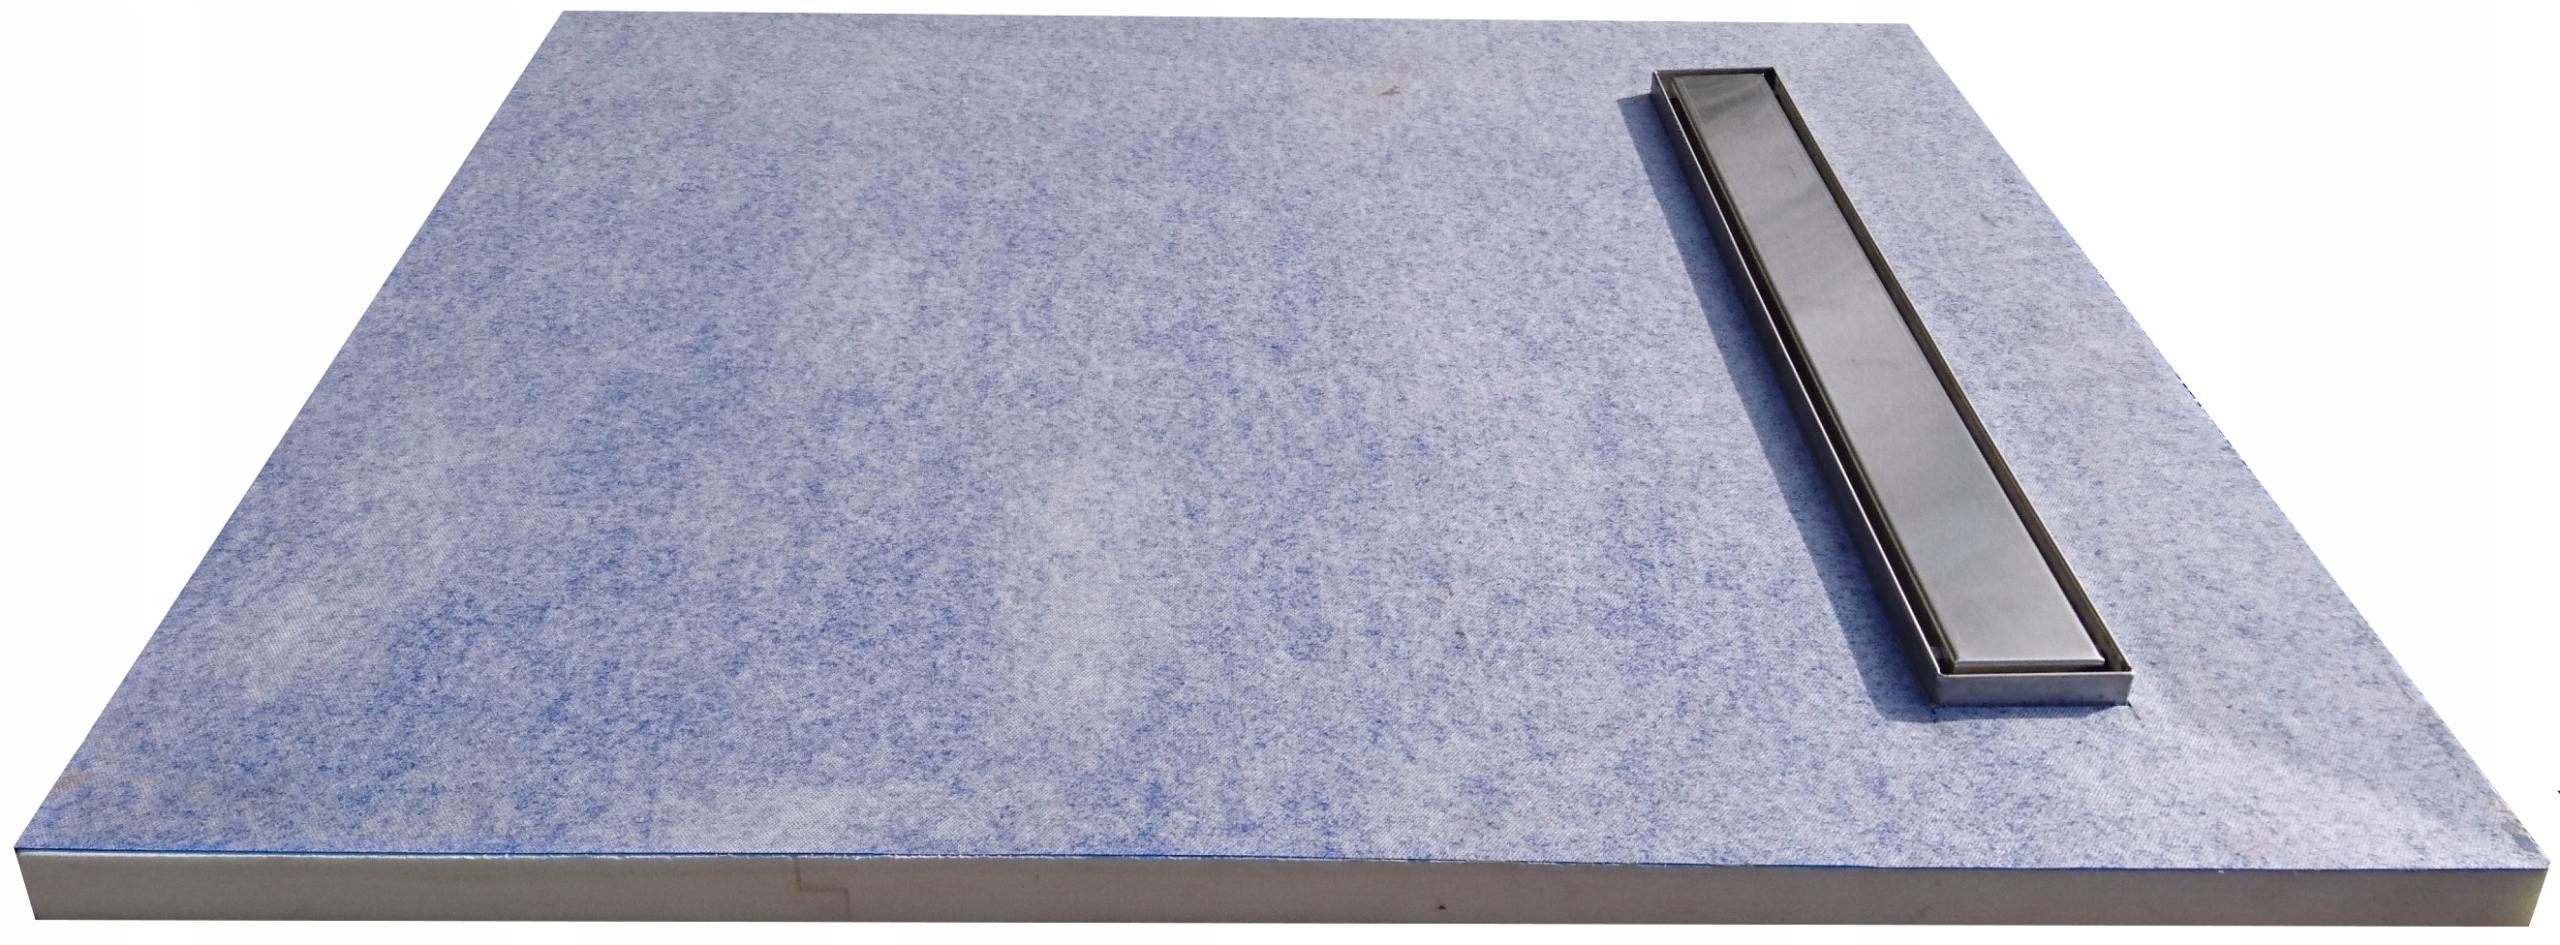 Sprchová vanička pod dlaždice 120x120 lineárny odtok 60